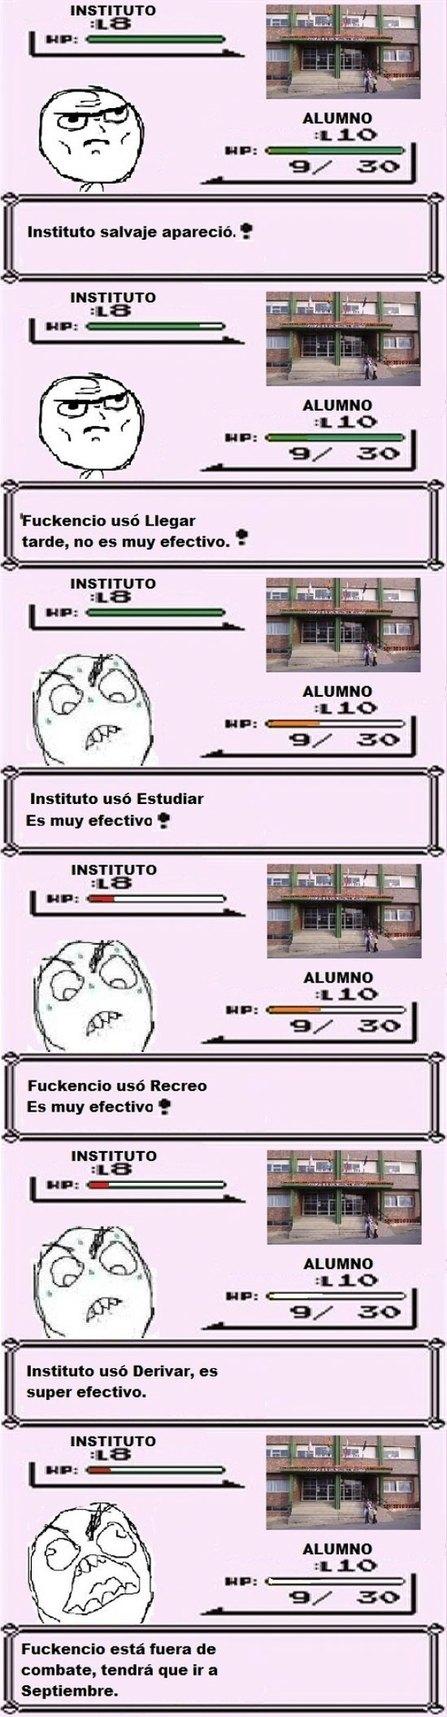 Instituto - meme